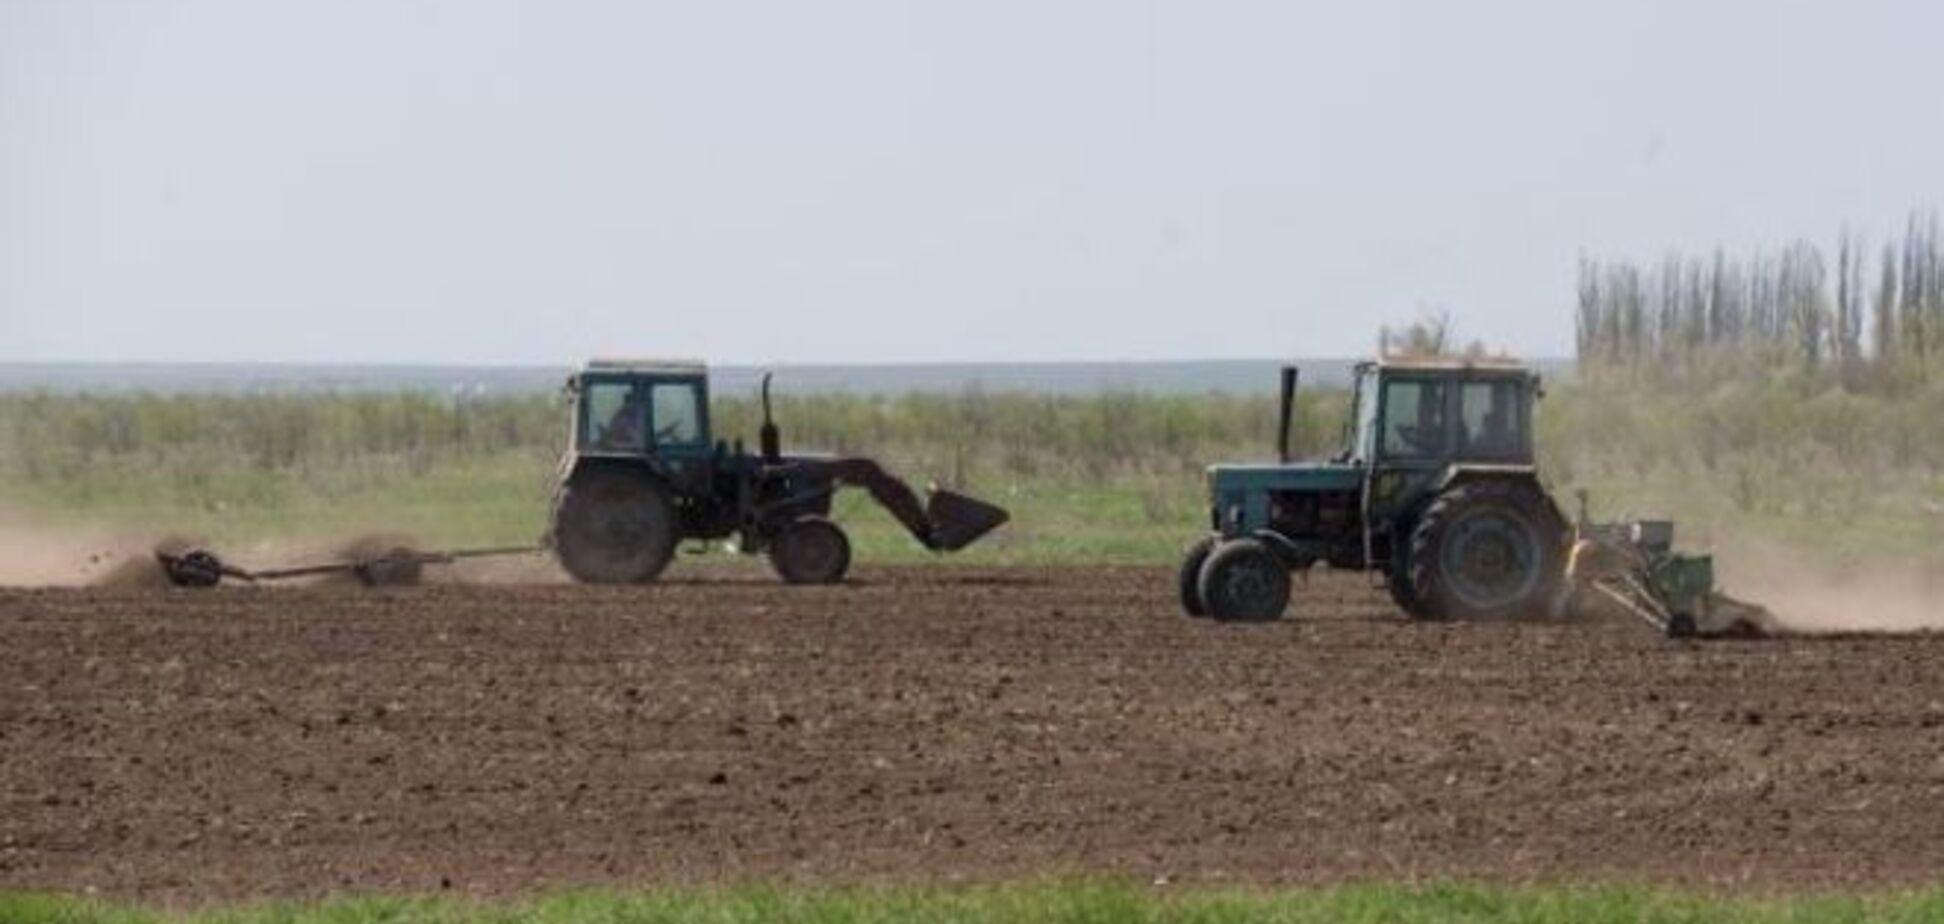 Украинцам светит очередной рост цен. Теперь из-за проблем с посевной